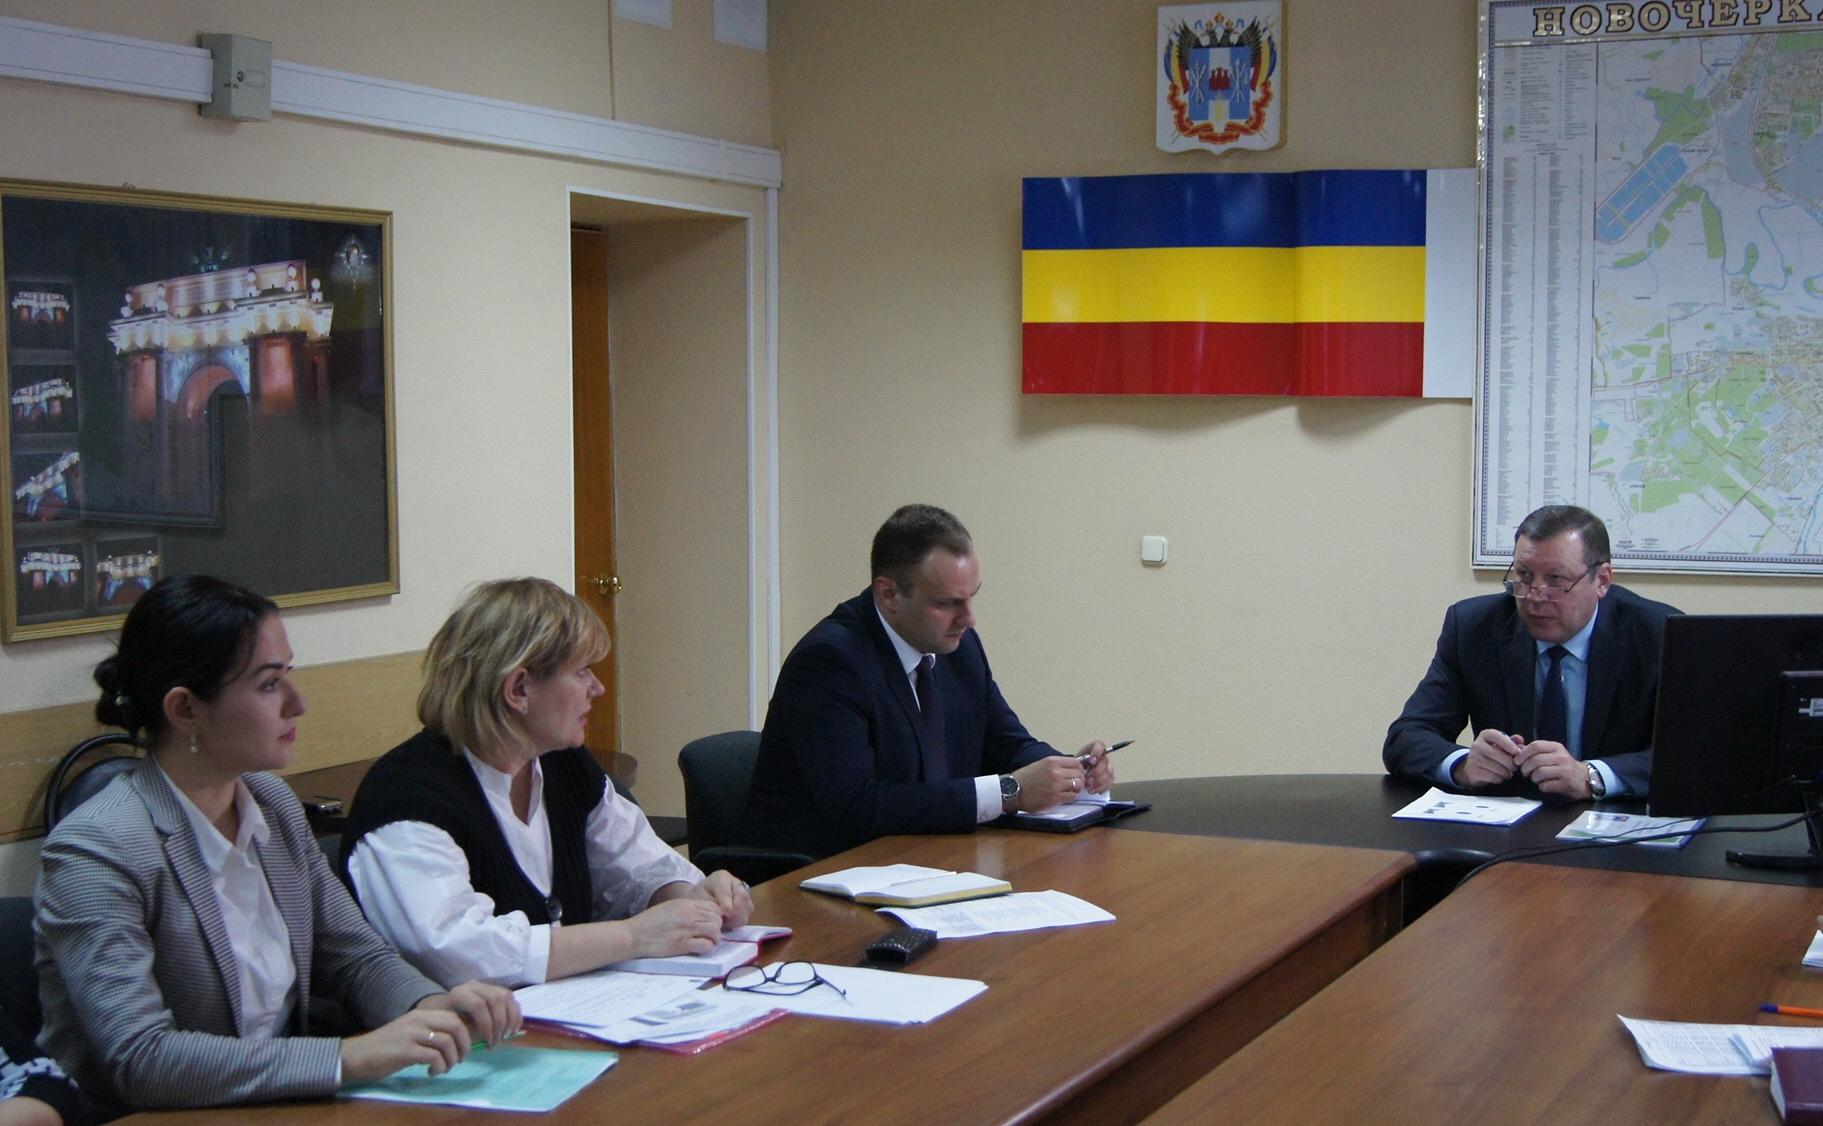 Управление труда и социального развития администрации Новочеркасска подвело итоги работы за 2018 год